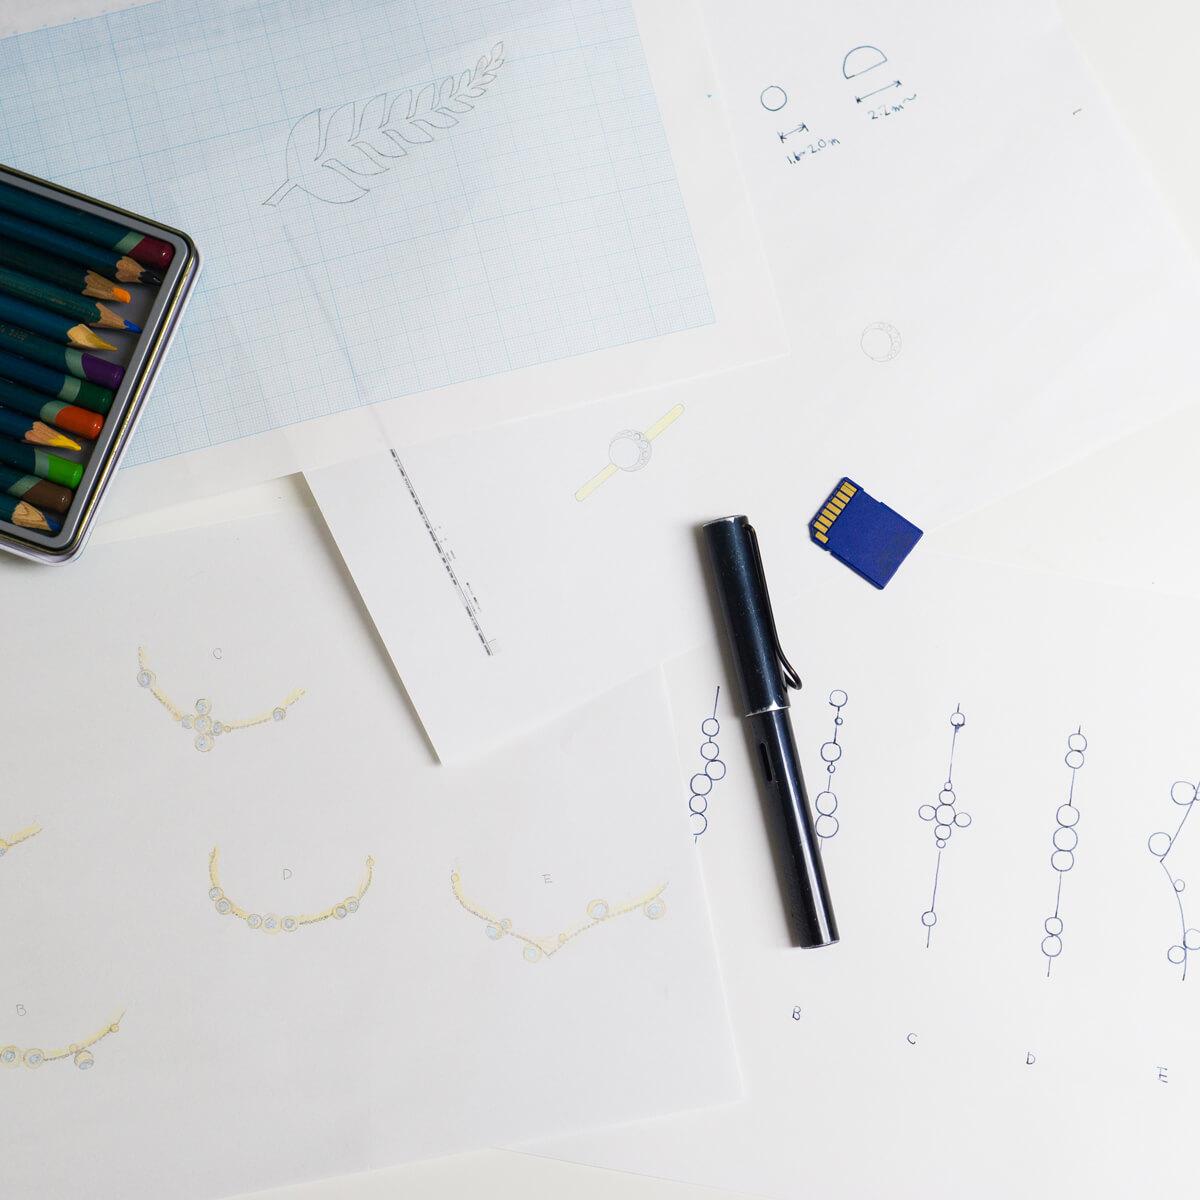 オーダーメイドマリッジリングのデザイン風景 ダイヤモンドリング、プラチナ結婚指輪 屋久島でつくる結婚指輪